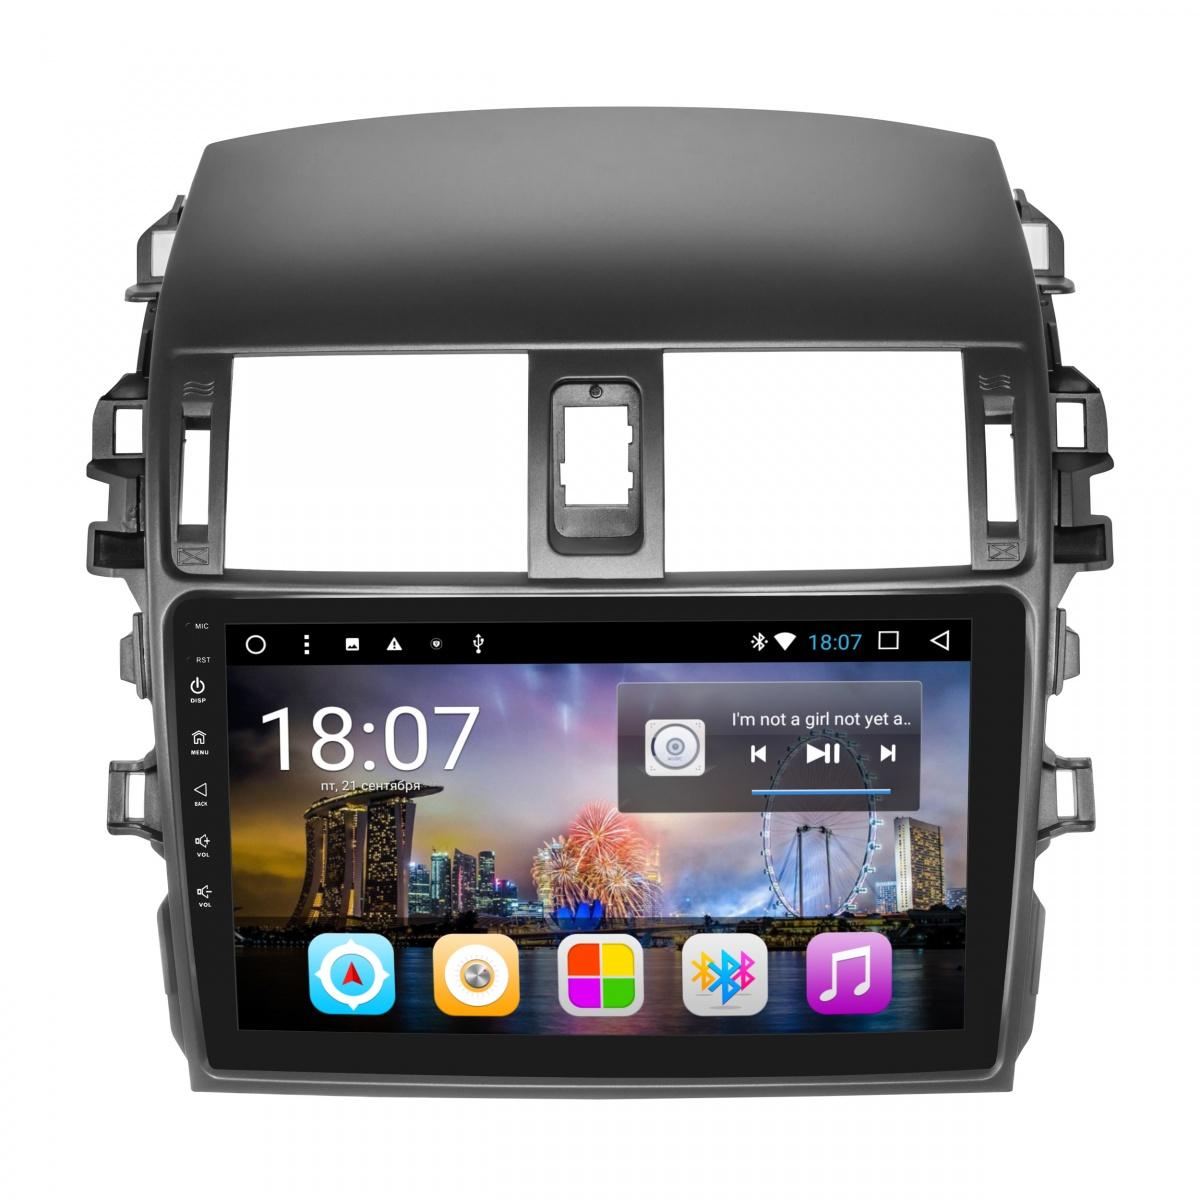 Штатное головное устройство MyDean B063 для Toyota Corolla (2006-2013) (+ Камера заднего вида в подарок!) штатное головное устройство daystar ds 7047hb toyota prado 150 2013 android 6 4 ядра